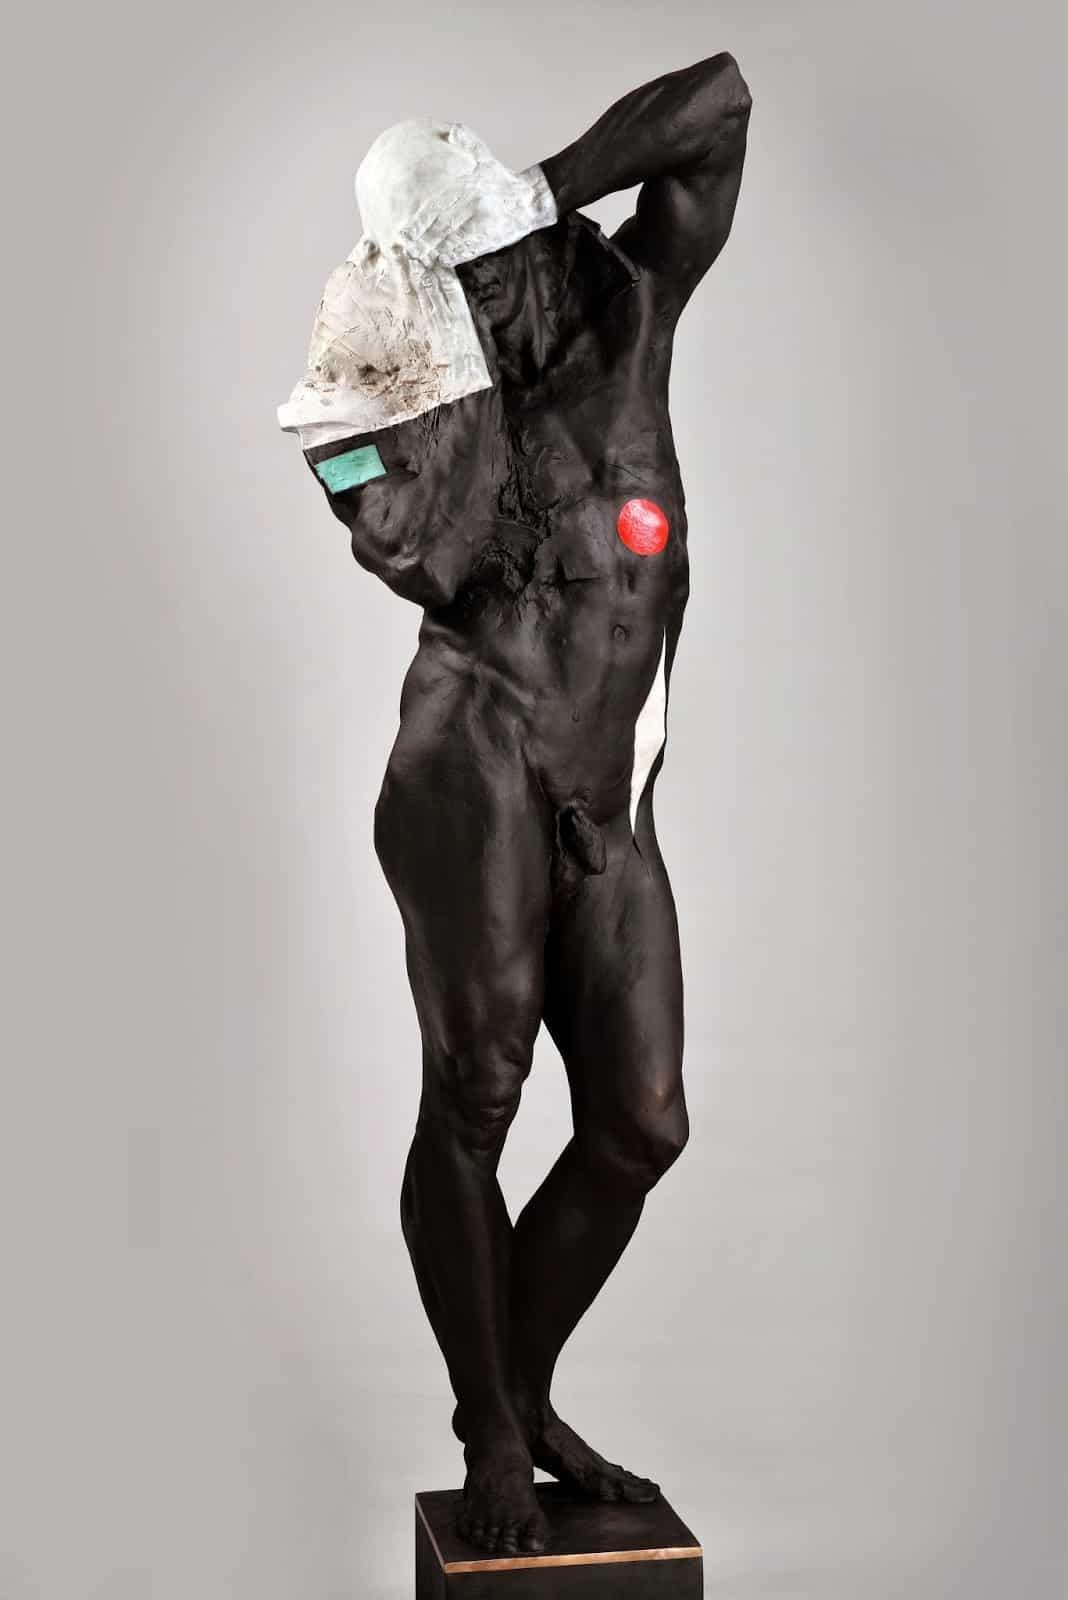 gwiazda 5682 - Grzegorz Gwiazda - Skulpturen